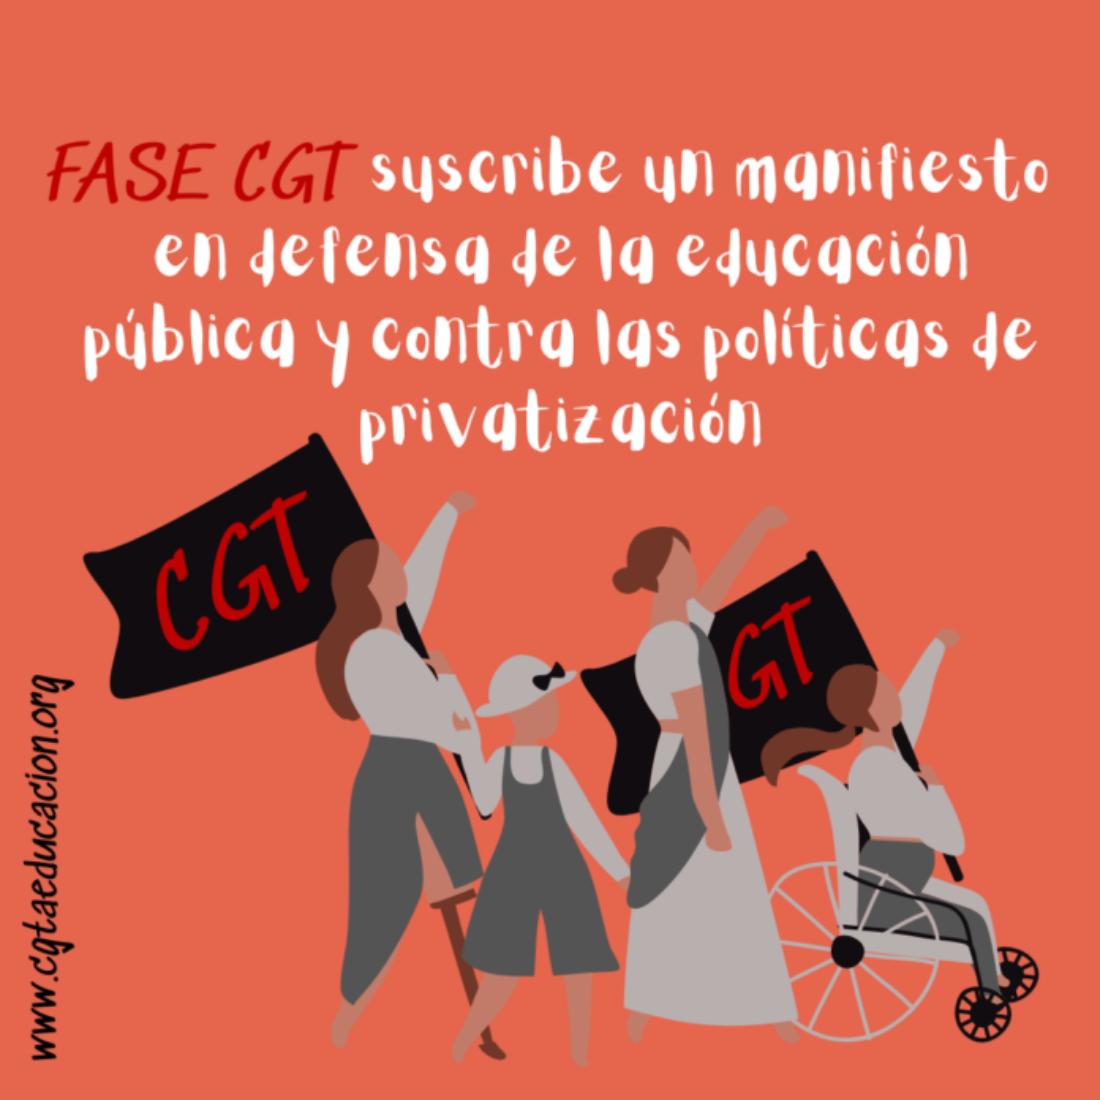 FASE CGT suscribe un manifiesto en defensa de la educación pública y contra las políticas de privatización